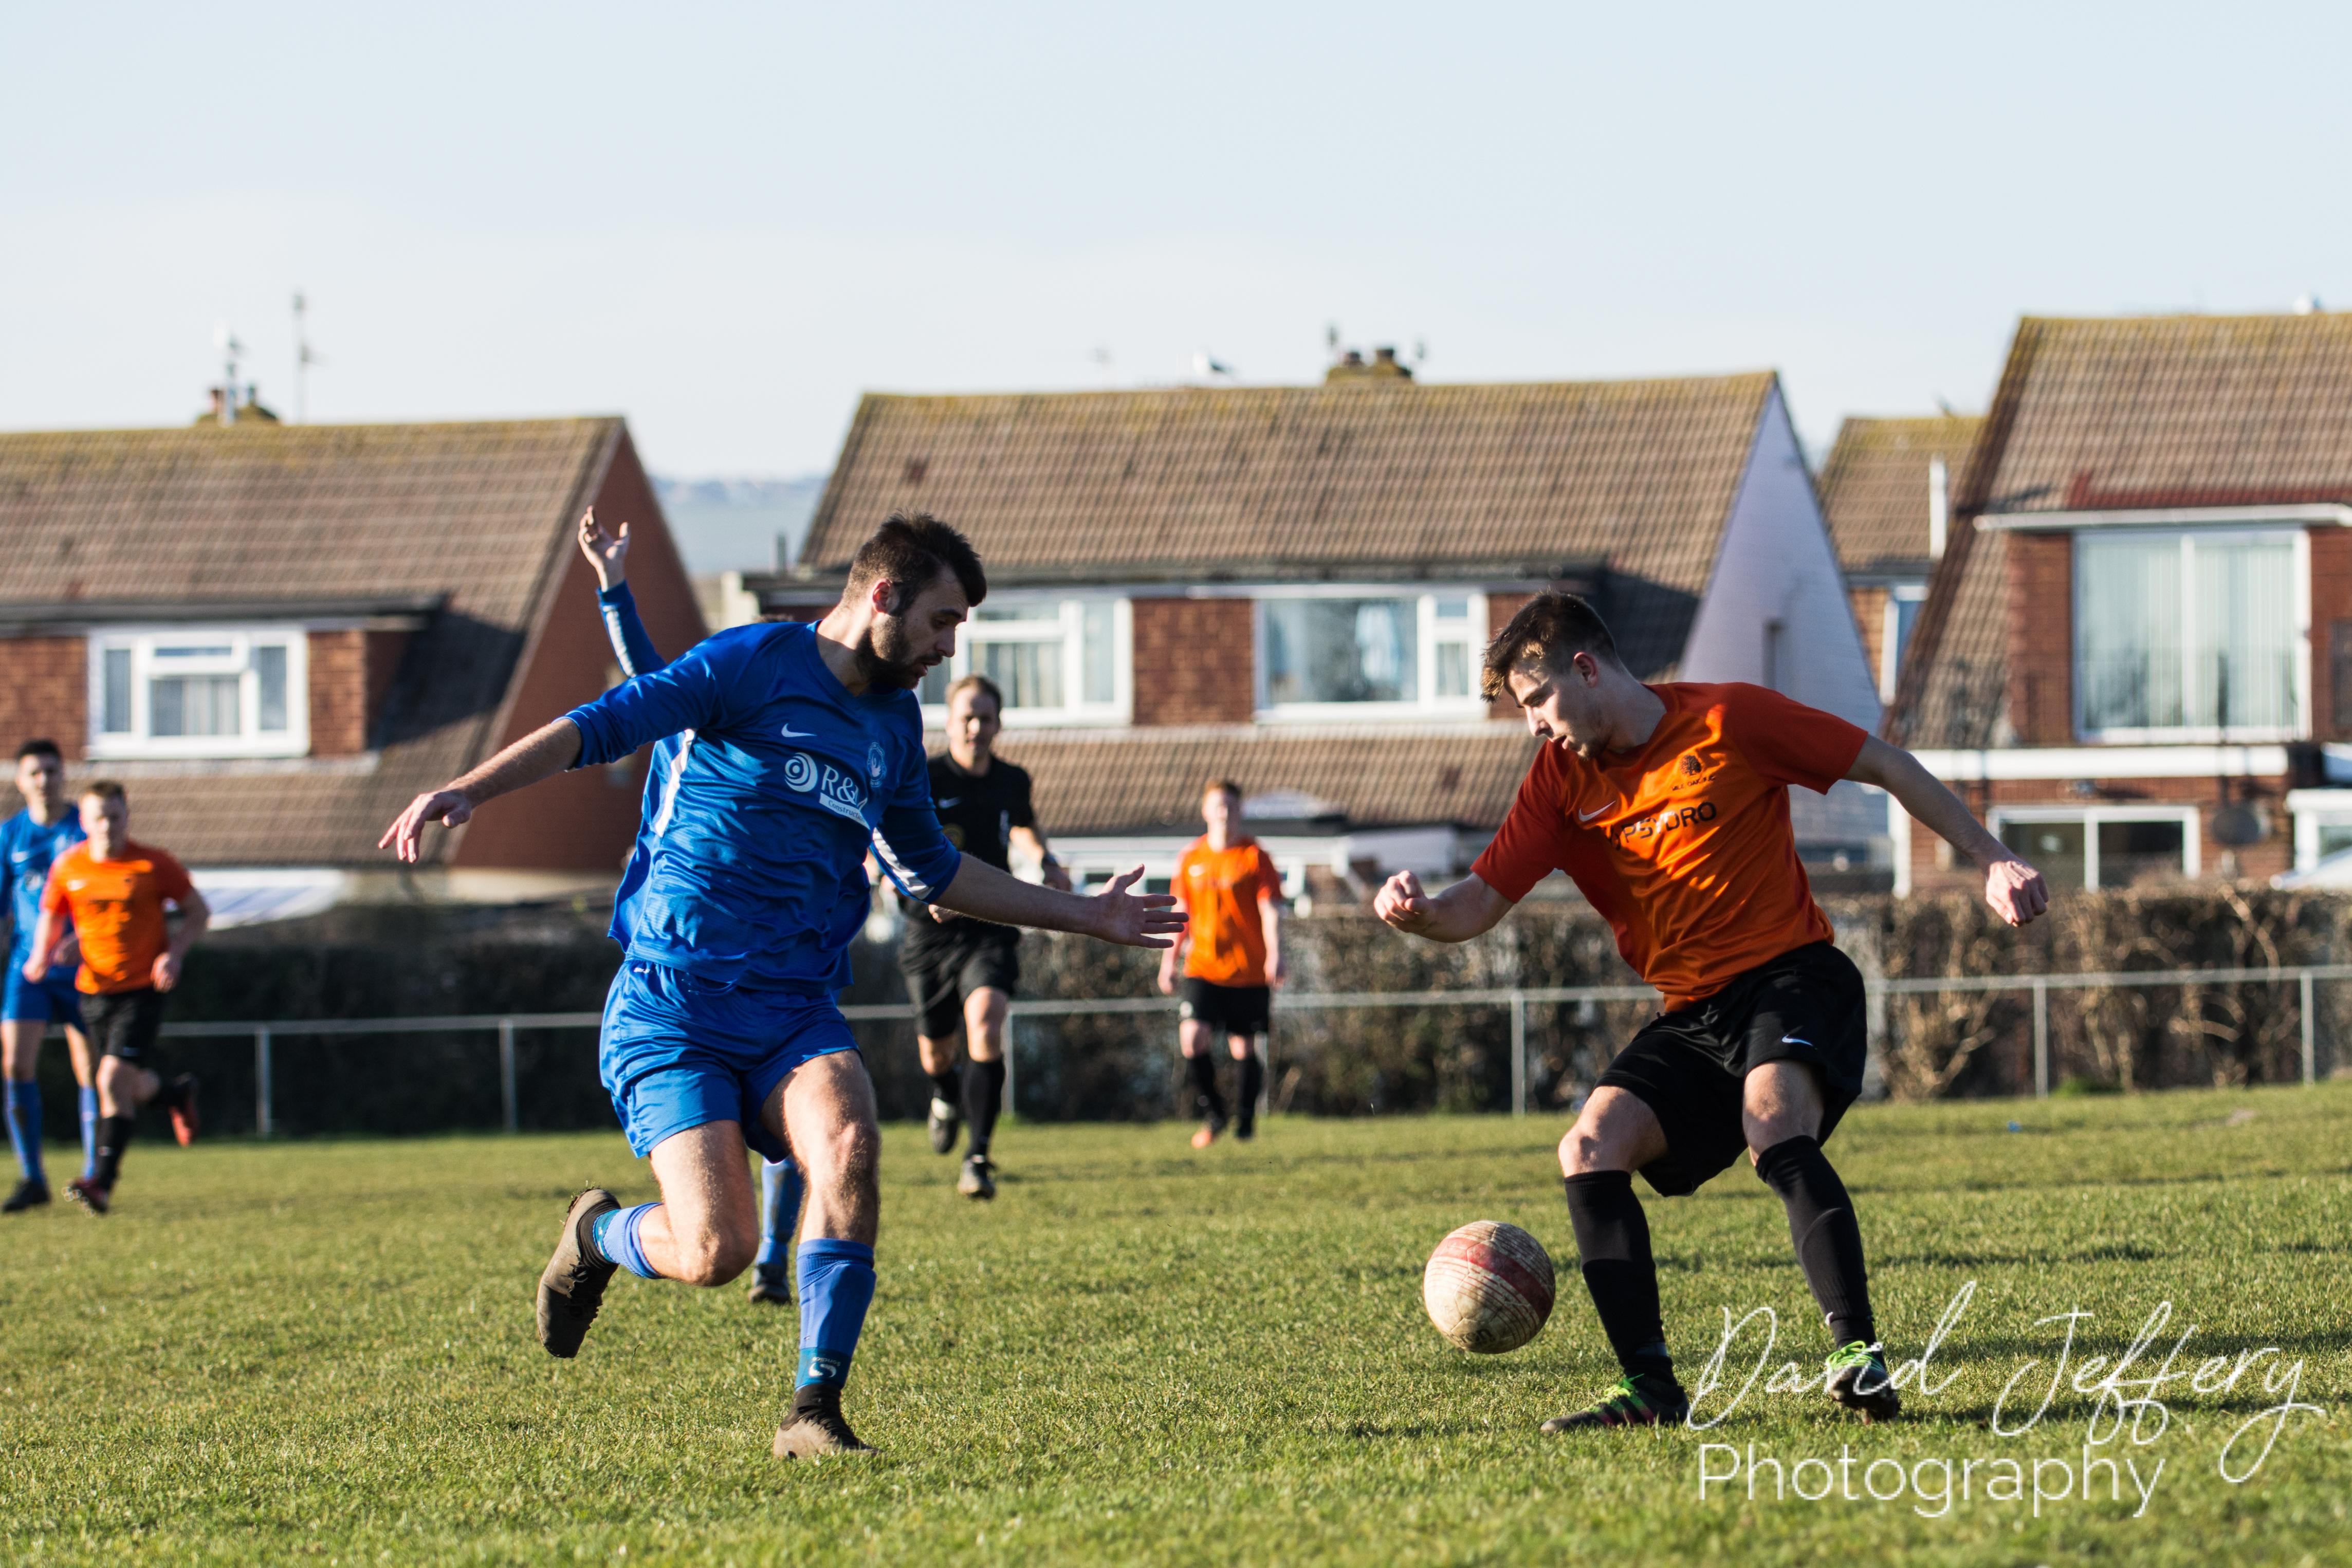 DAVID_JEFFERY MOFC vs Storrington 033